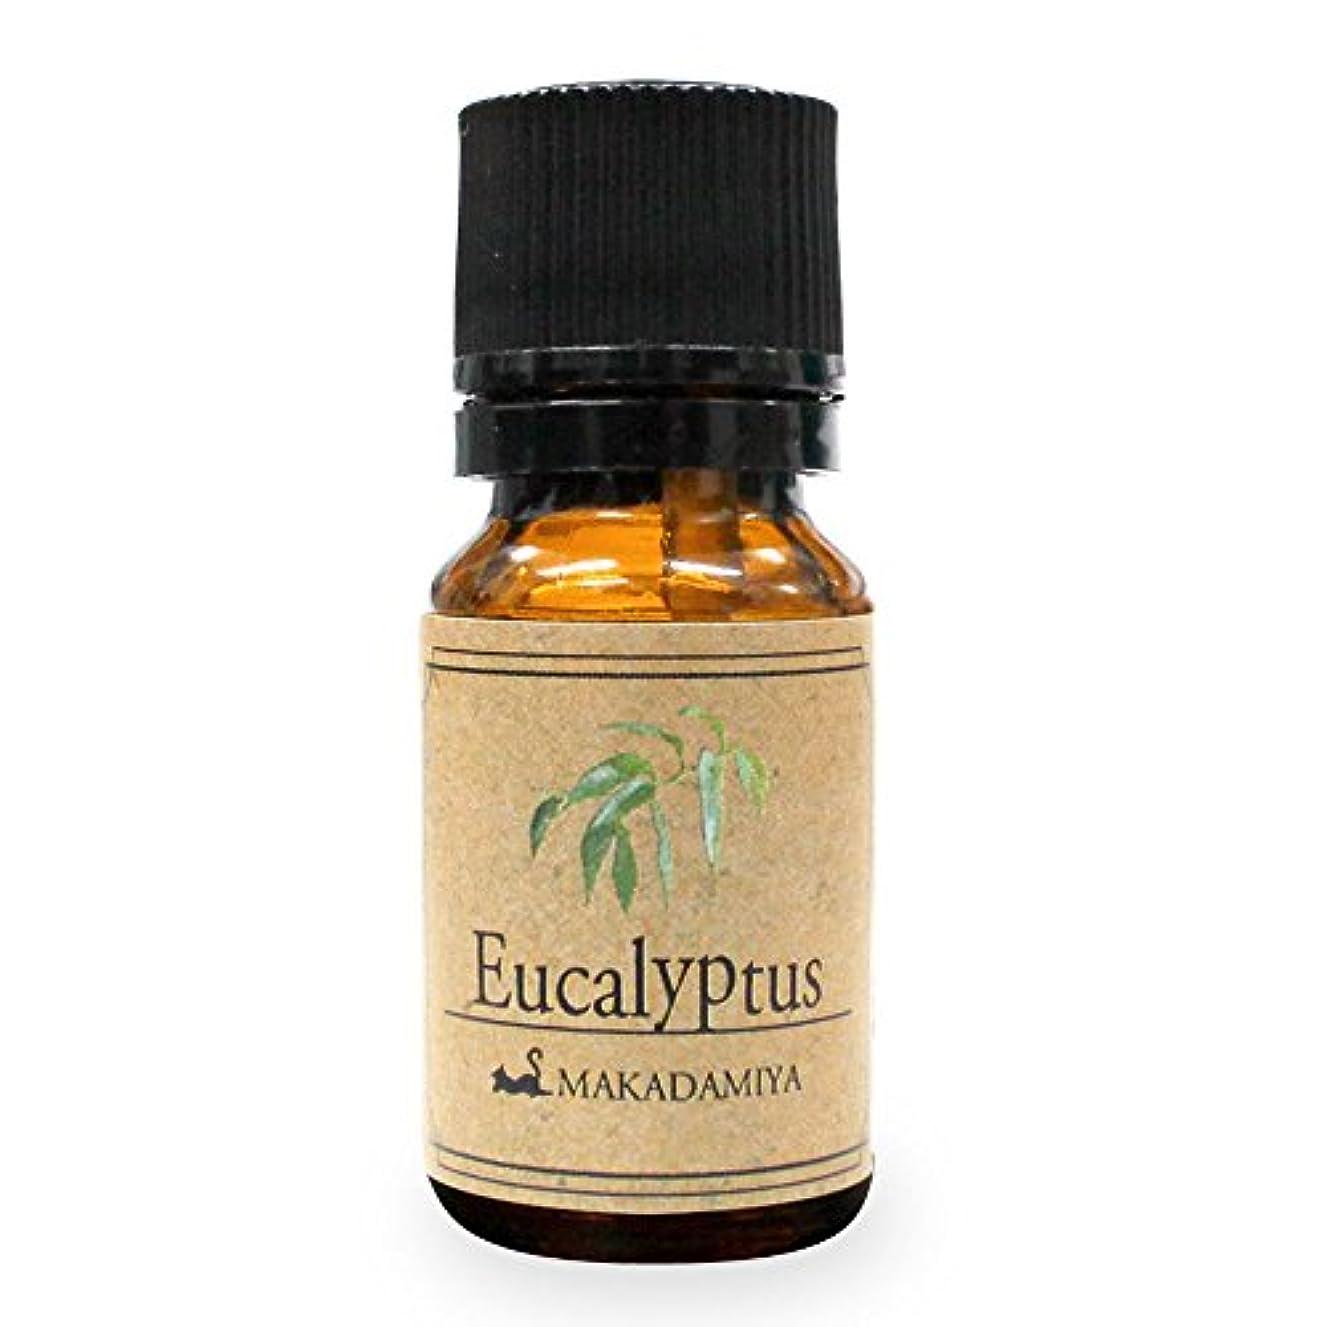 受賞オリエント転送ユーカリ10ml 天然100%植物性 エッセンシャルオイル(精油) アロマオイル アロママッサージ aroma Eucalyptus